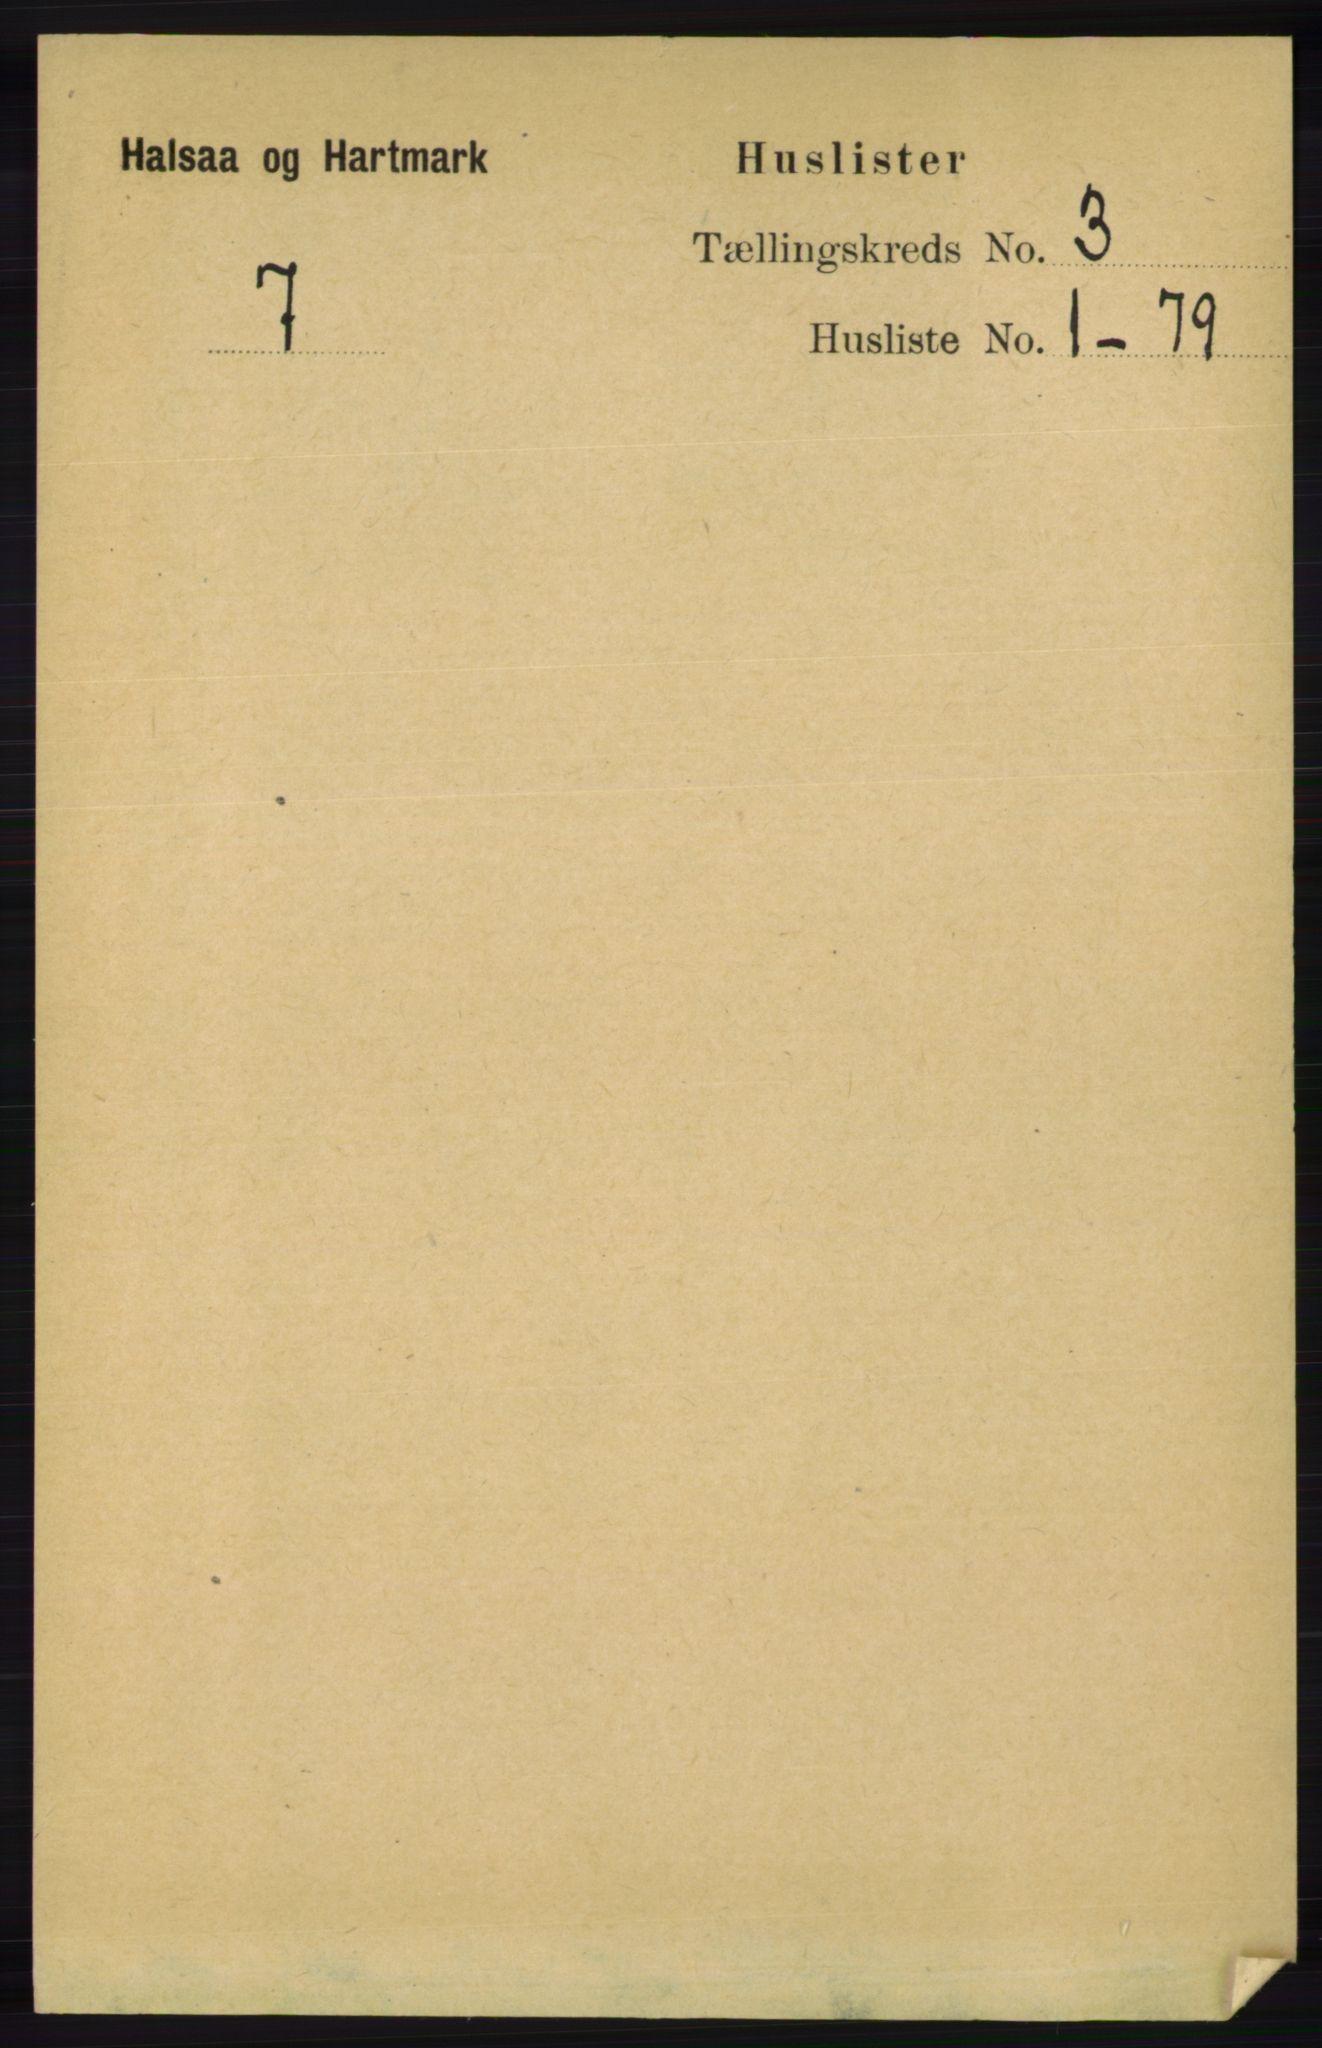 RA, Folketelling 1891 for 1019 Halse og Harkmark herred, 1891, s. 935